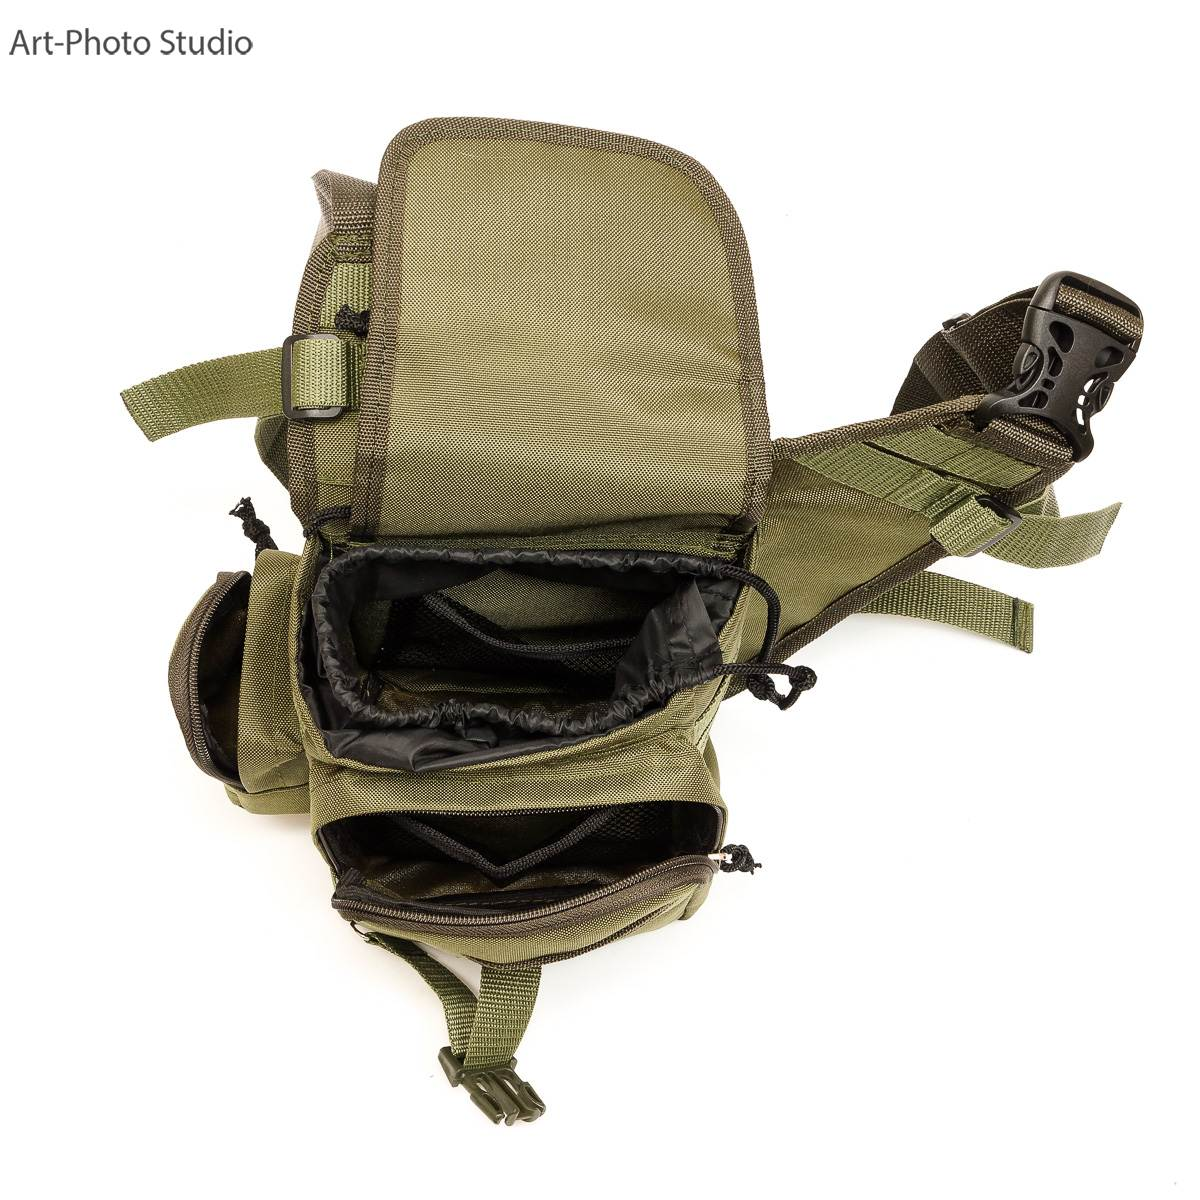 предметная съемка  тактической сумки для сайта интернет-магазина